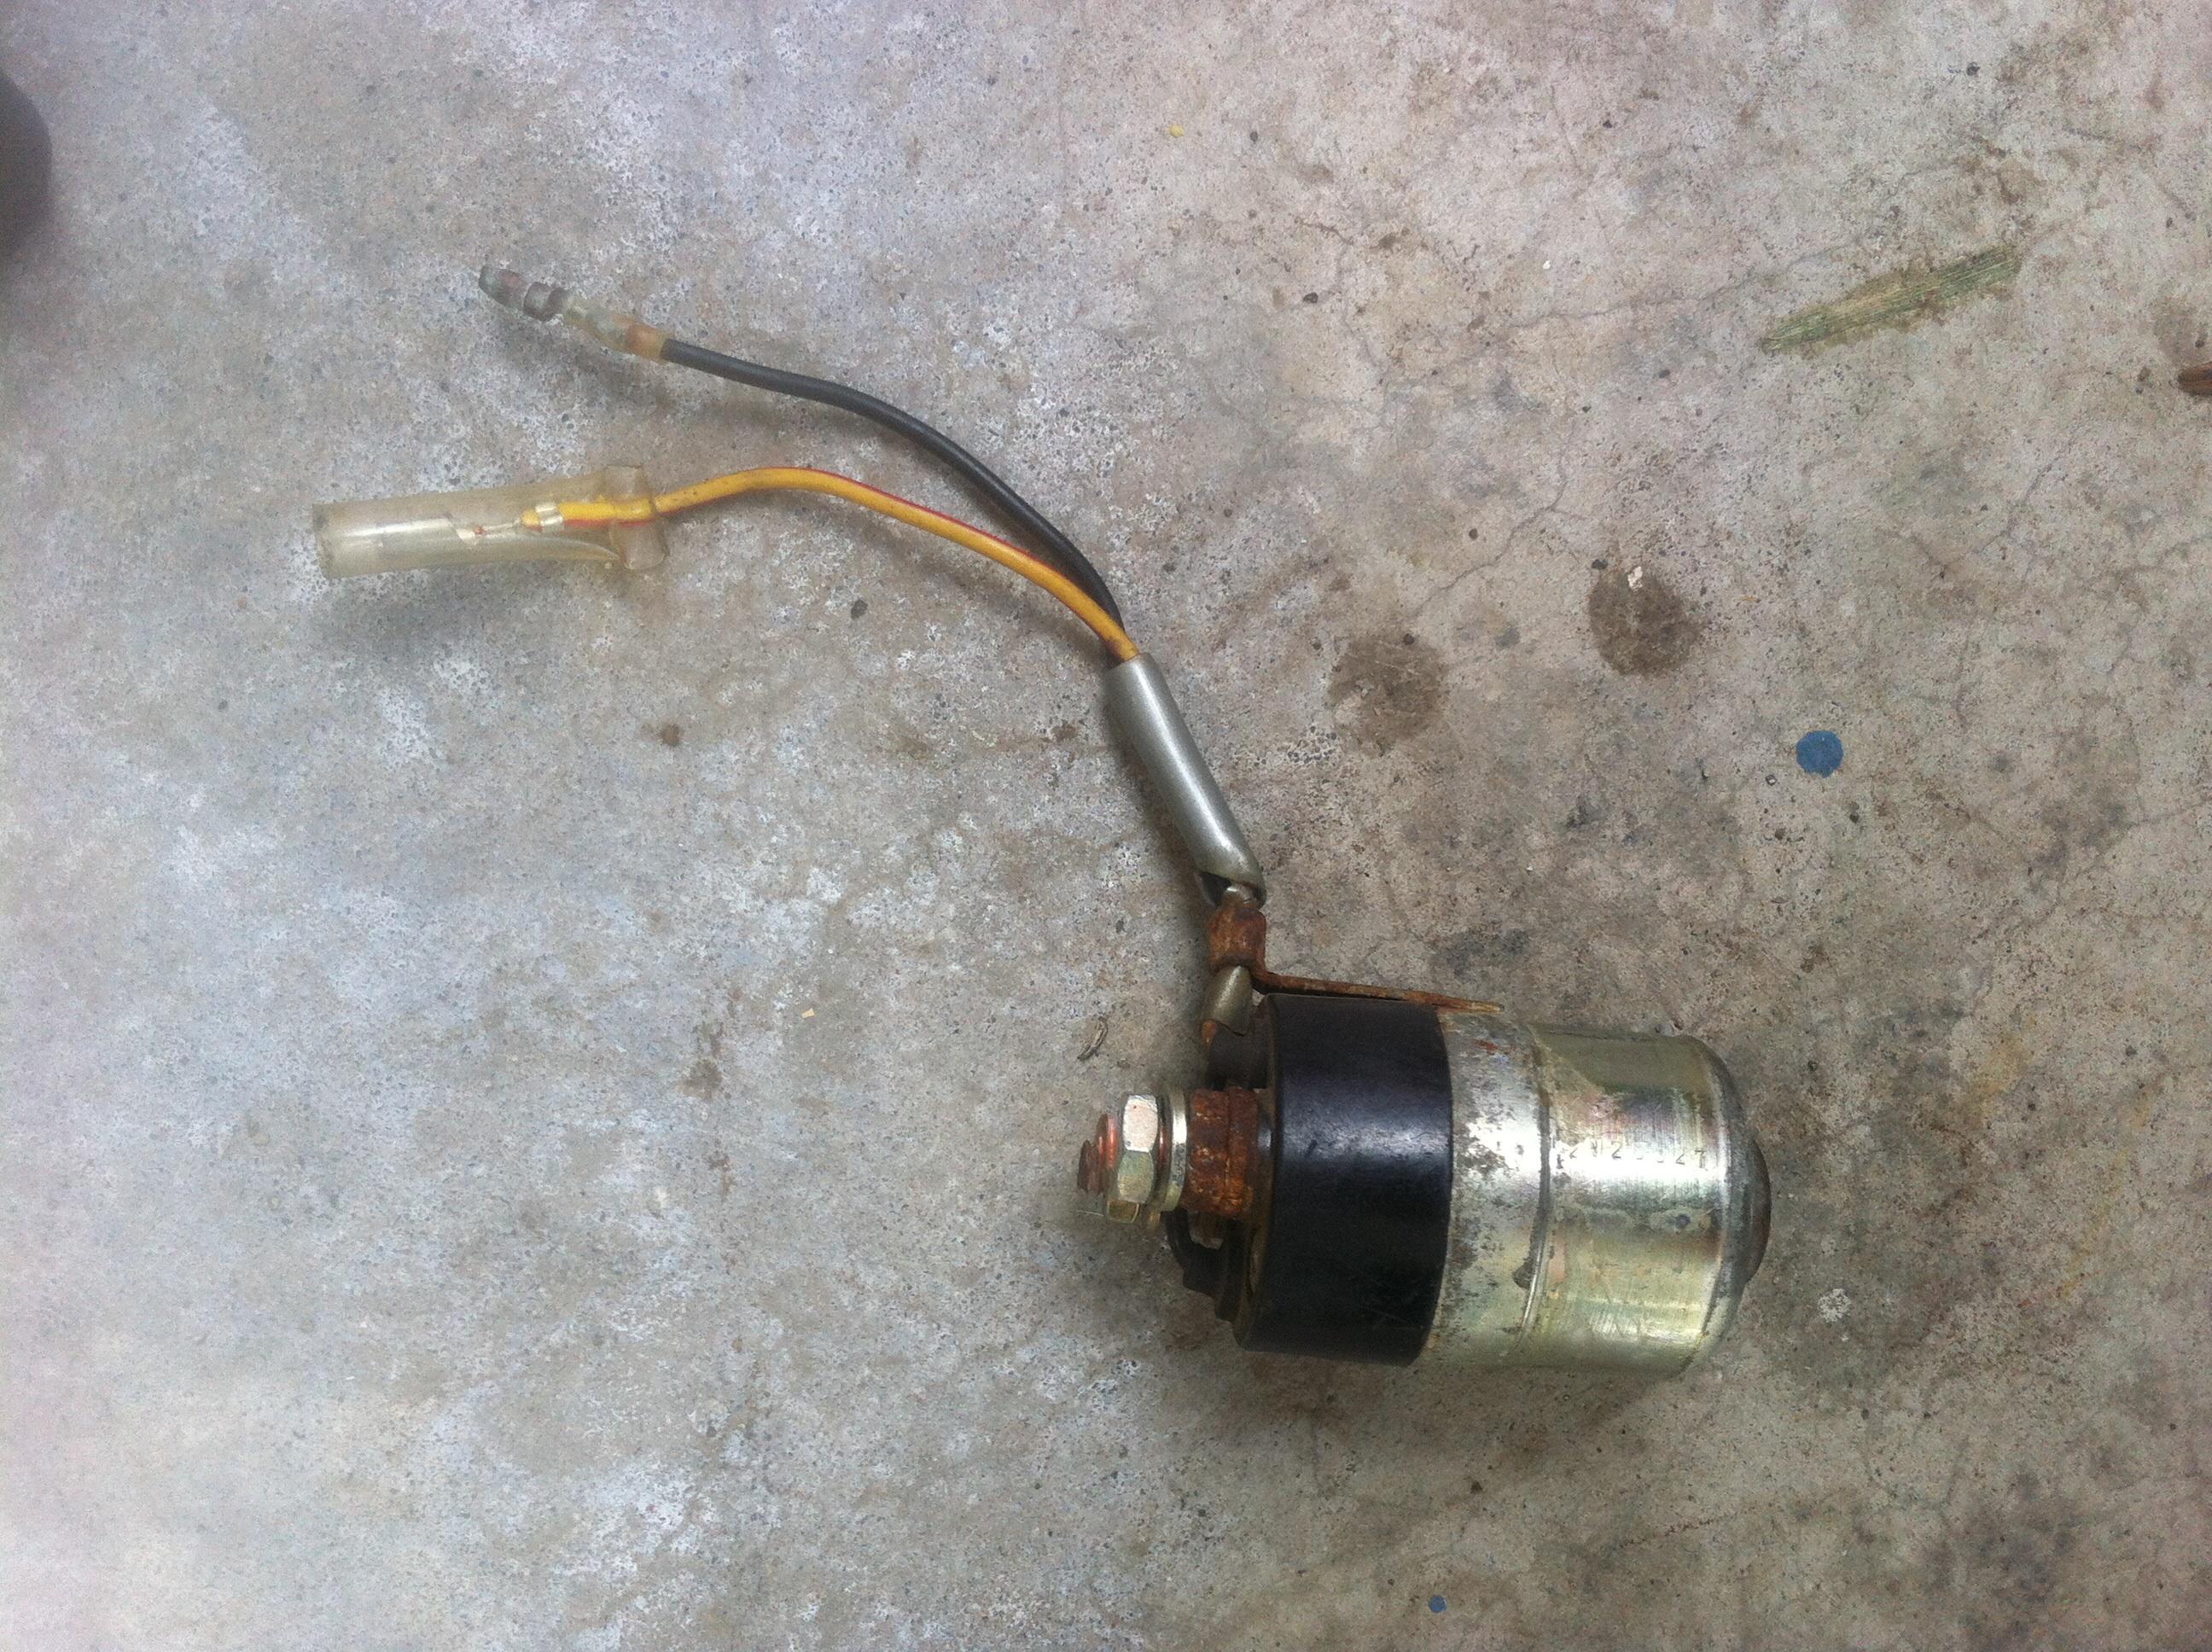 installing starter relay in 79 cb400t installing starter relay in 79 cb400t image 5 jpg